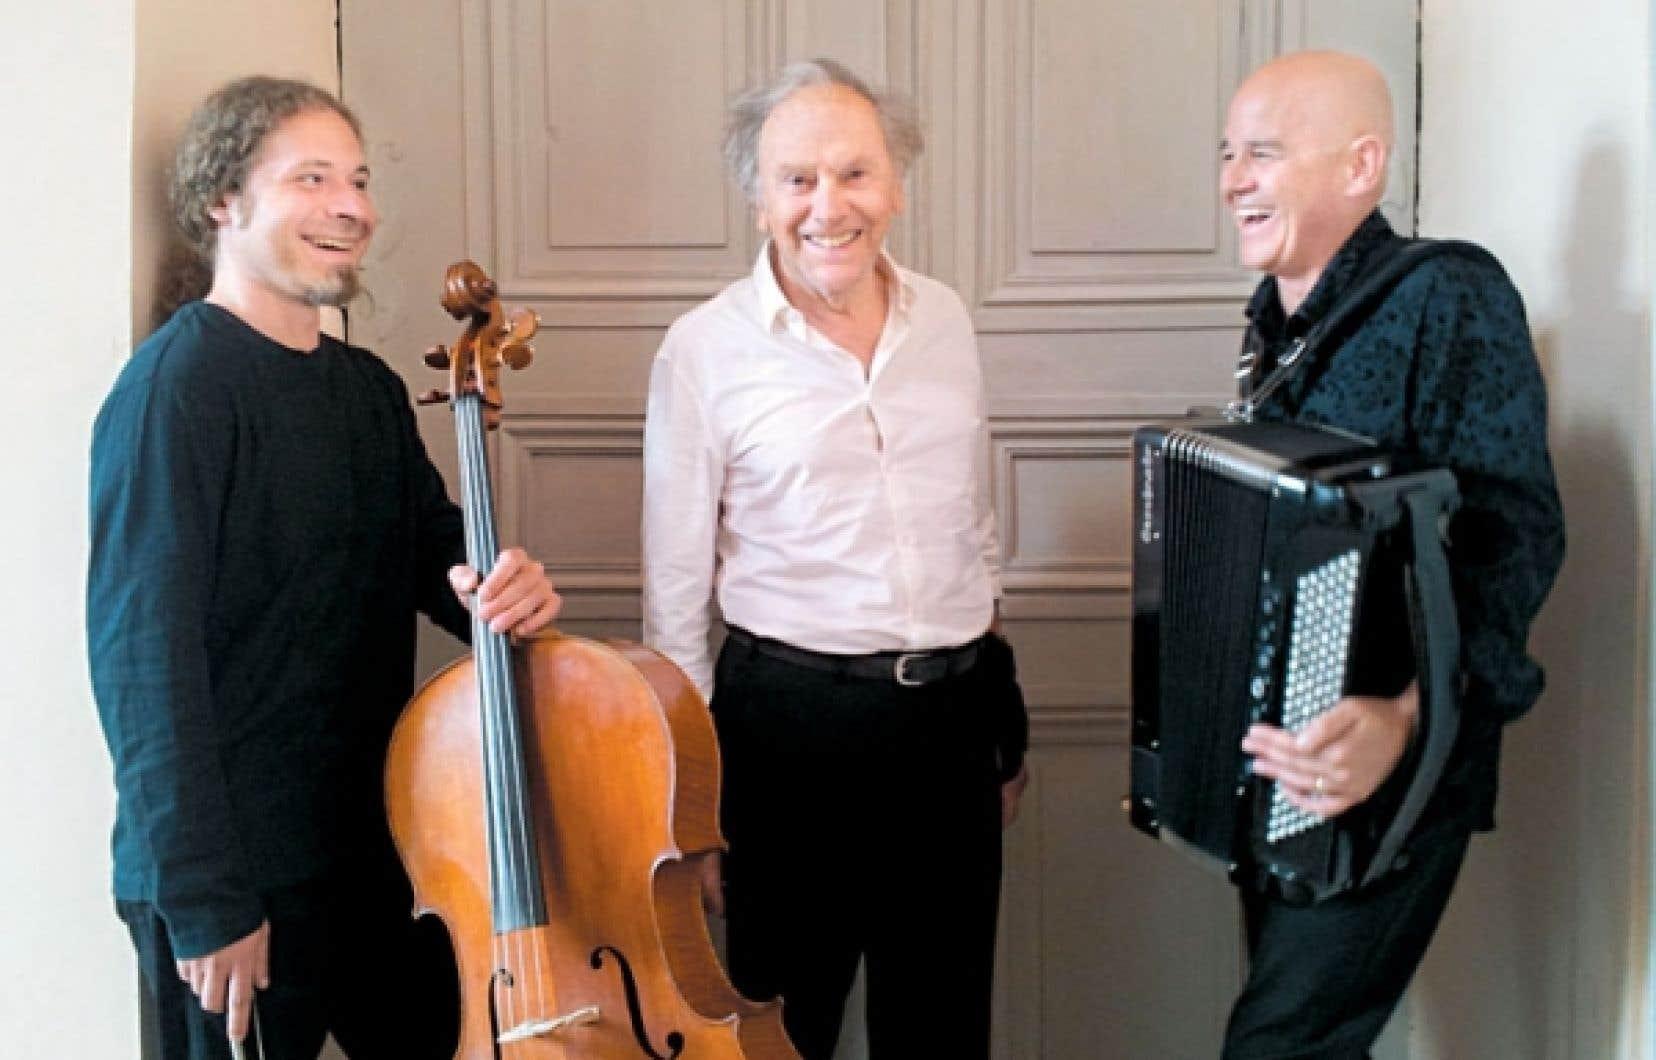 Trintignant est accompagné du violoncelliste Grégoire Korniluk et de l'accordéoniste Daniel Mille.